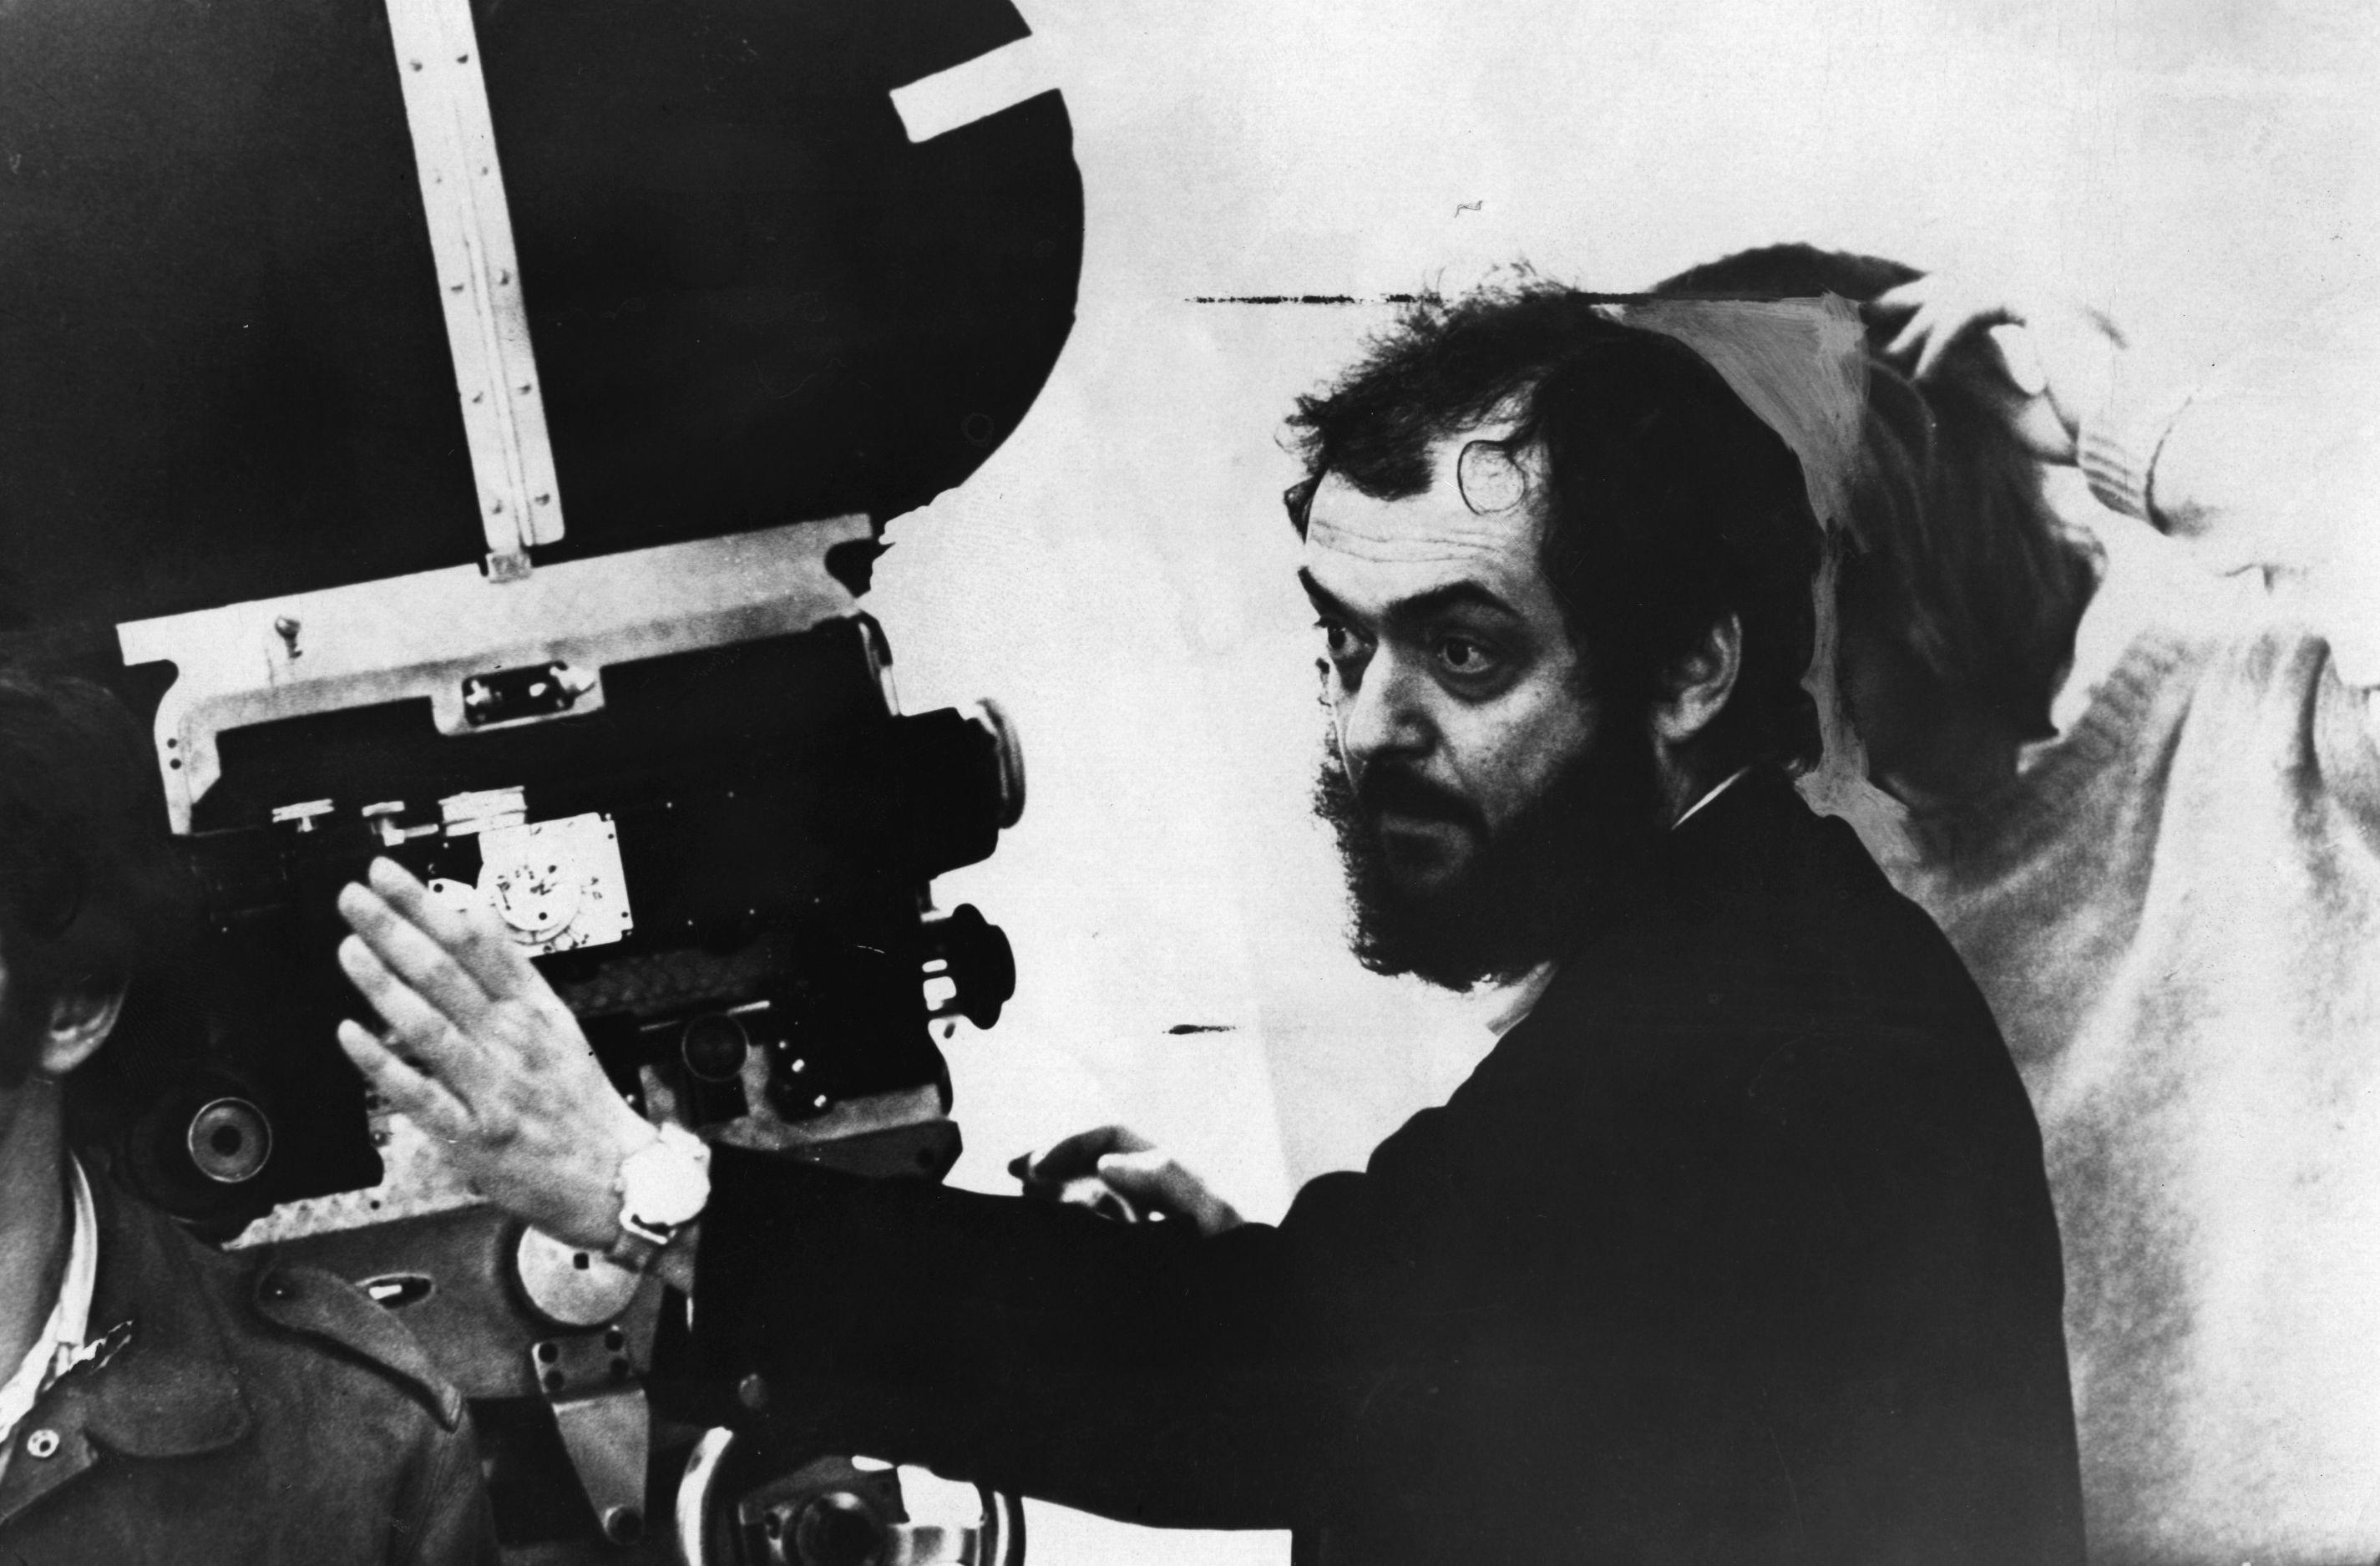 Elveszettnek hitt Kubrick-kézirat került elő